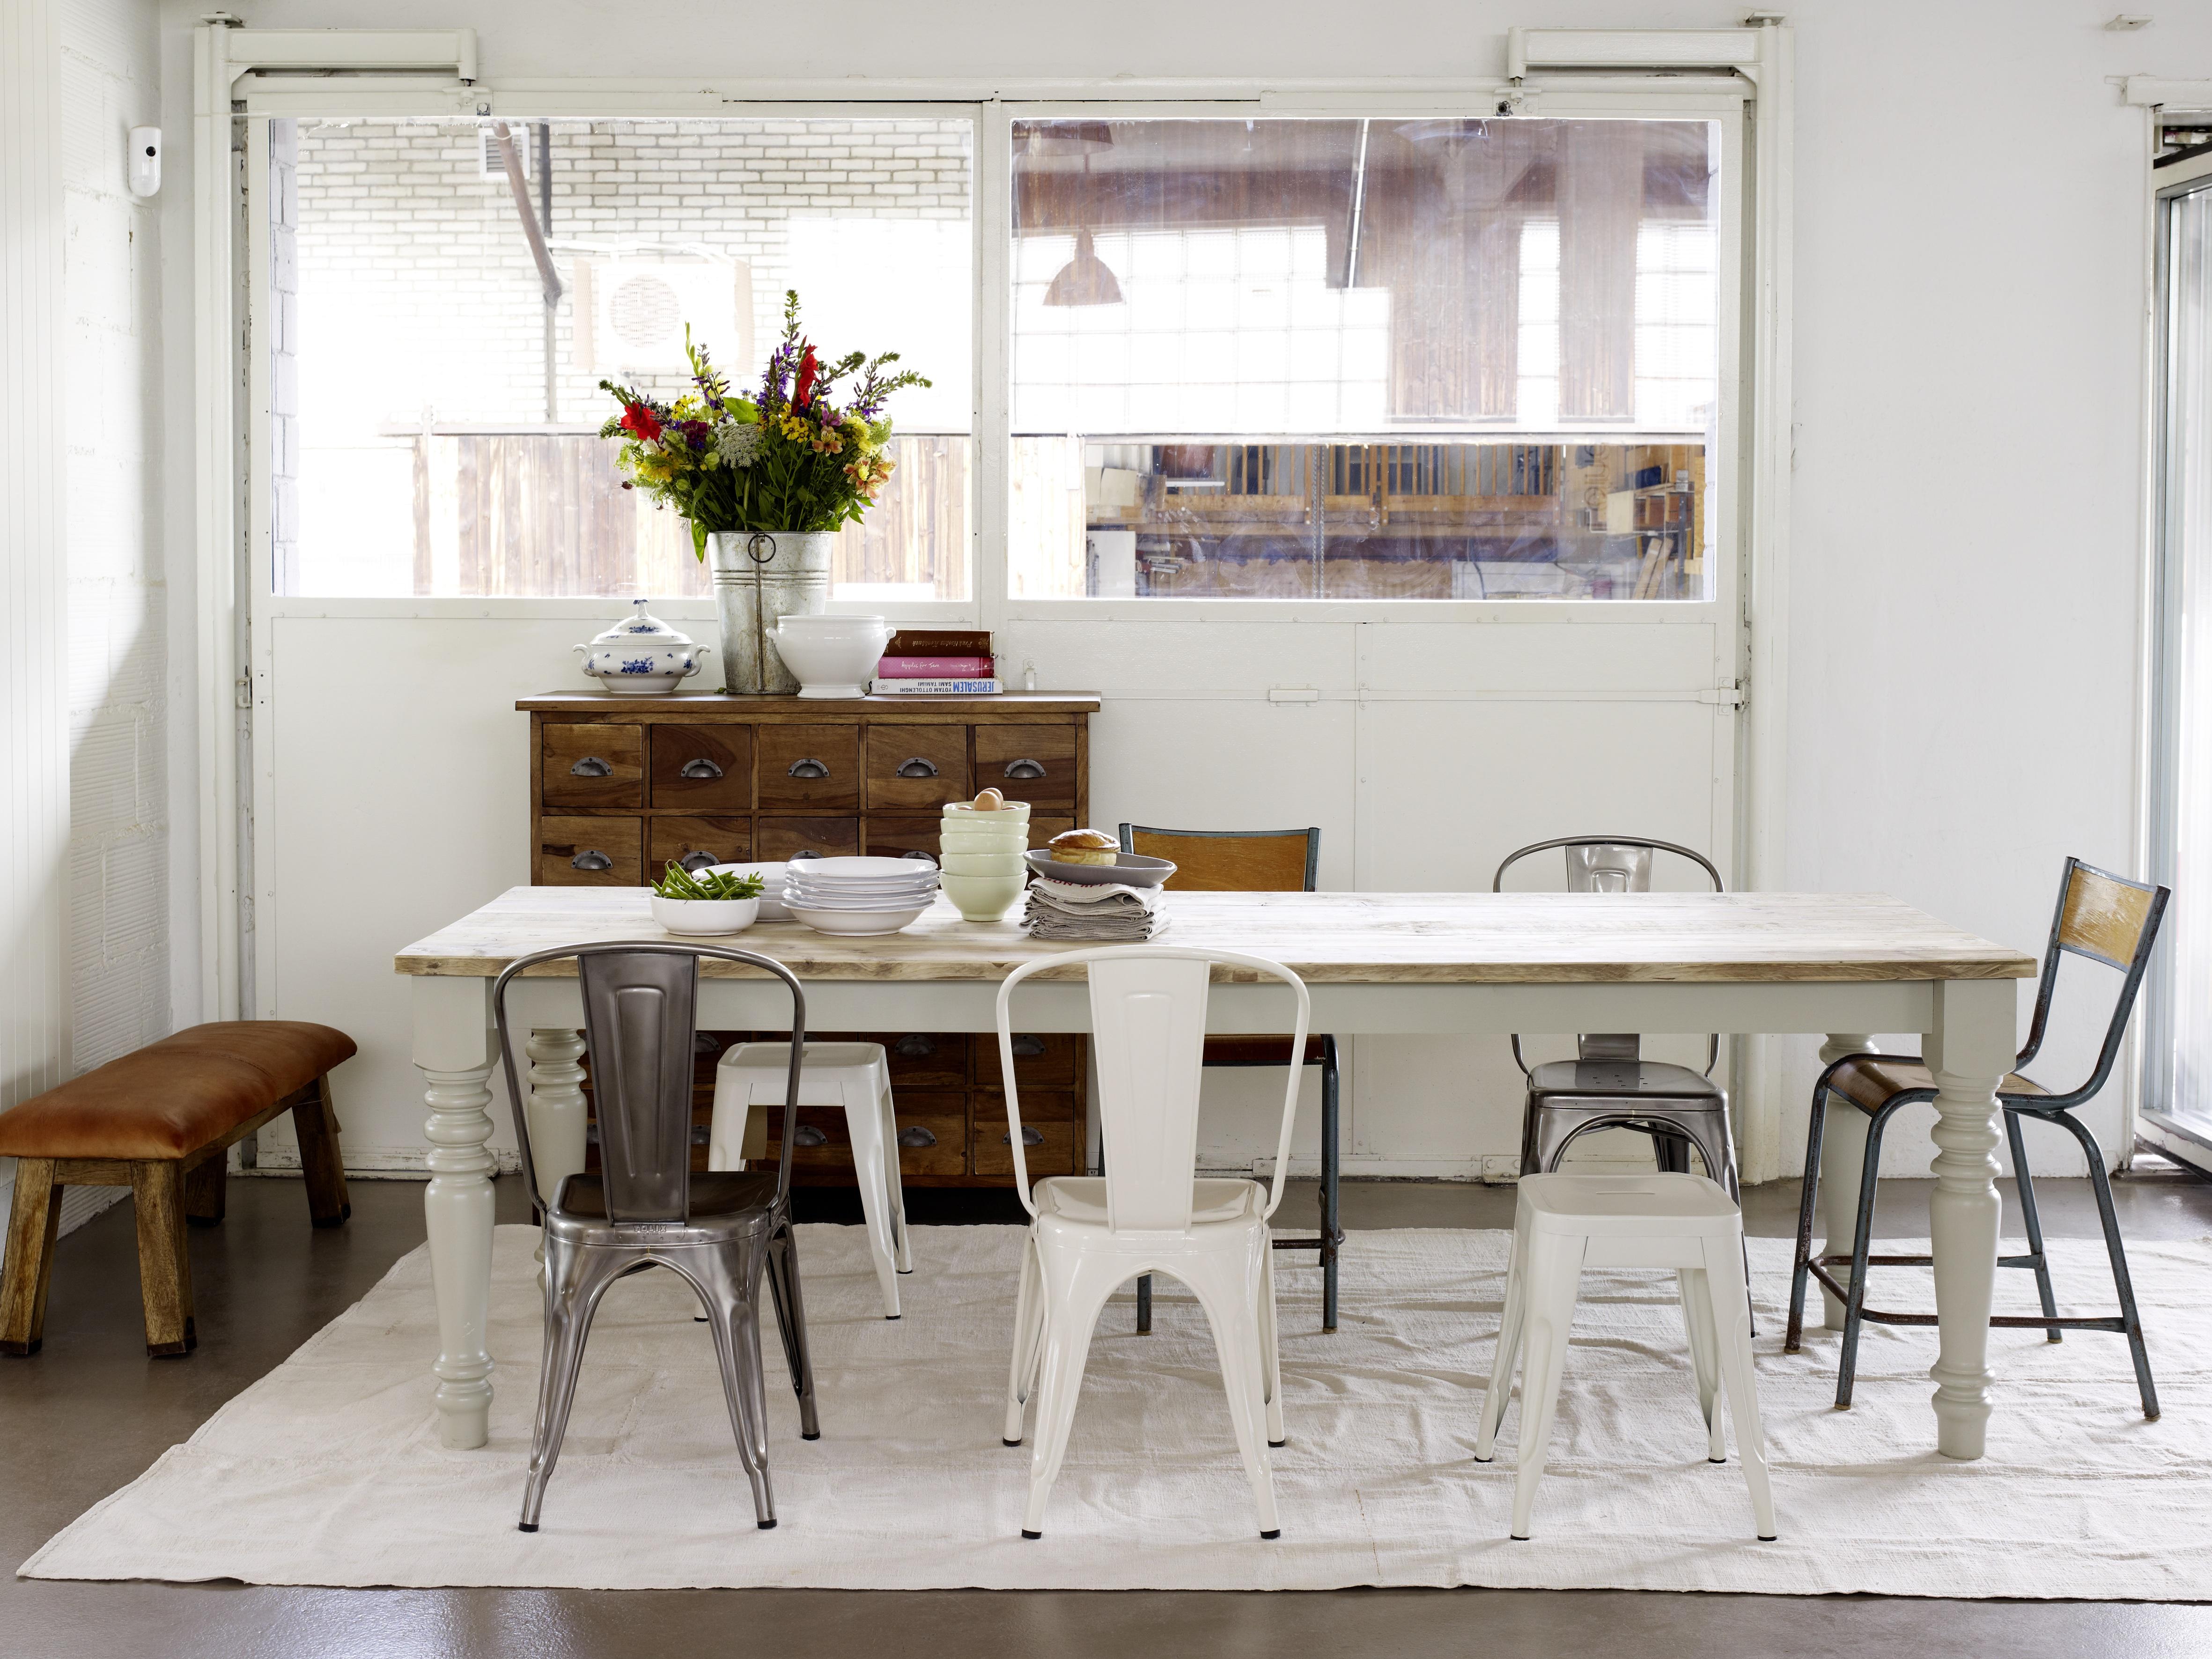 Wohnzimmerz: Wohnung Neu Einrichten With Wohnung Gestalten, Wände ...